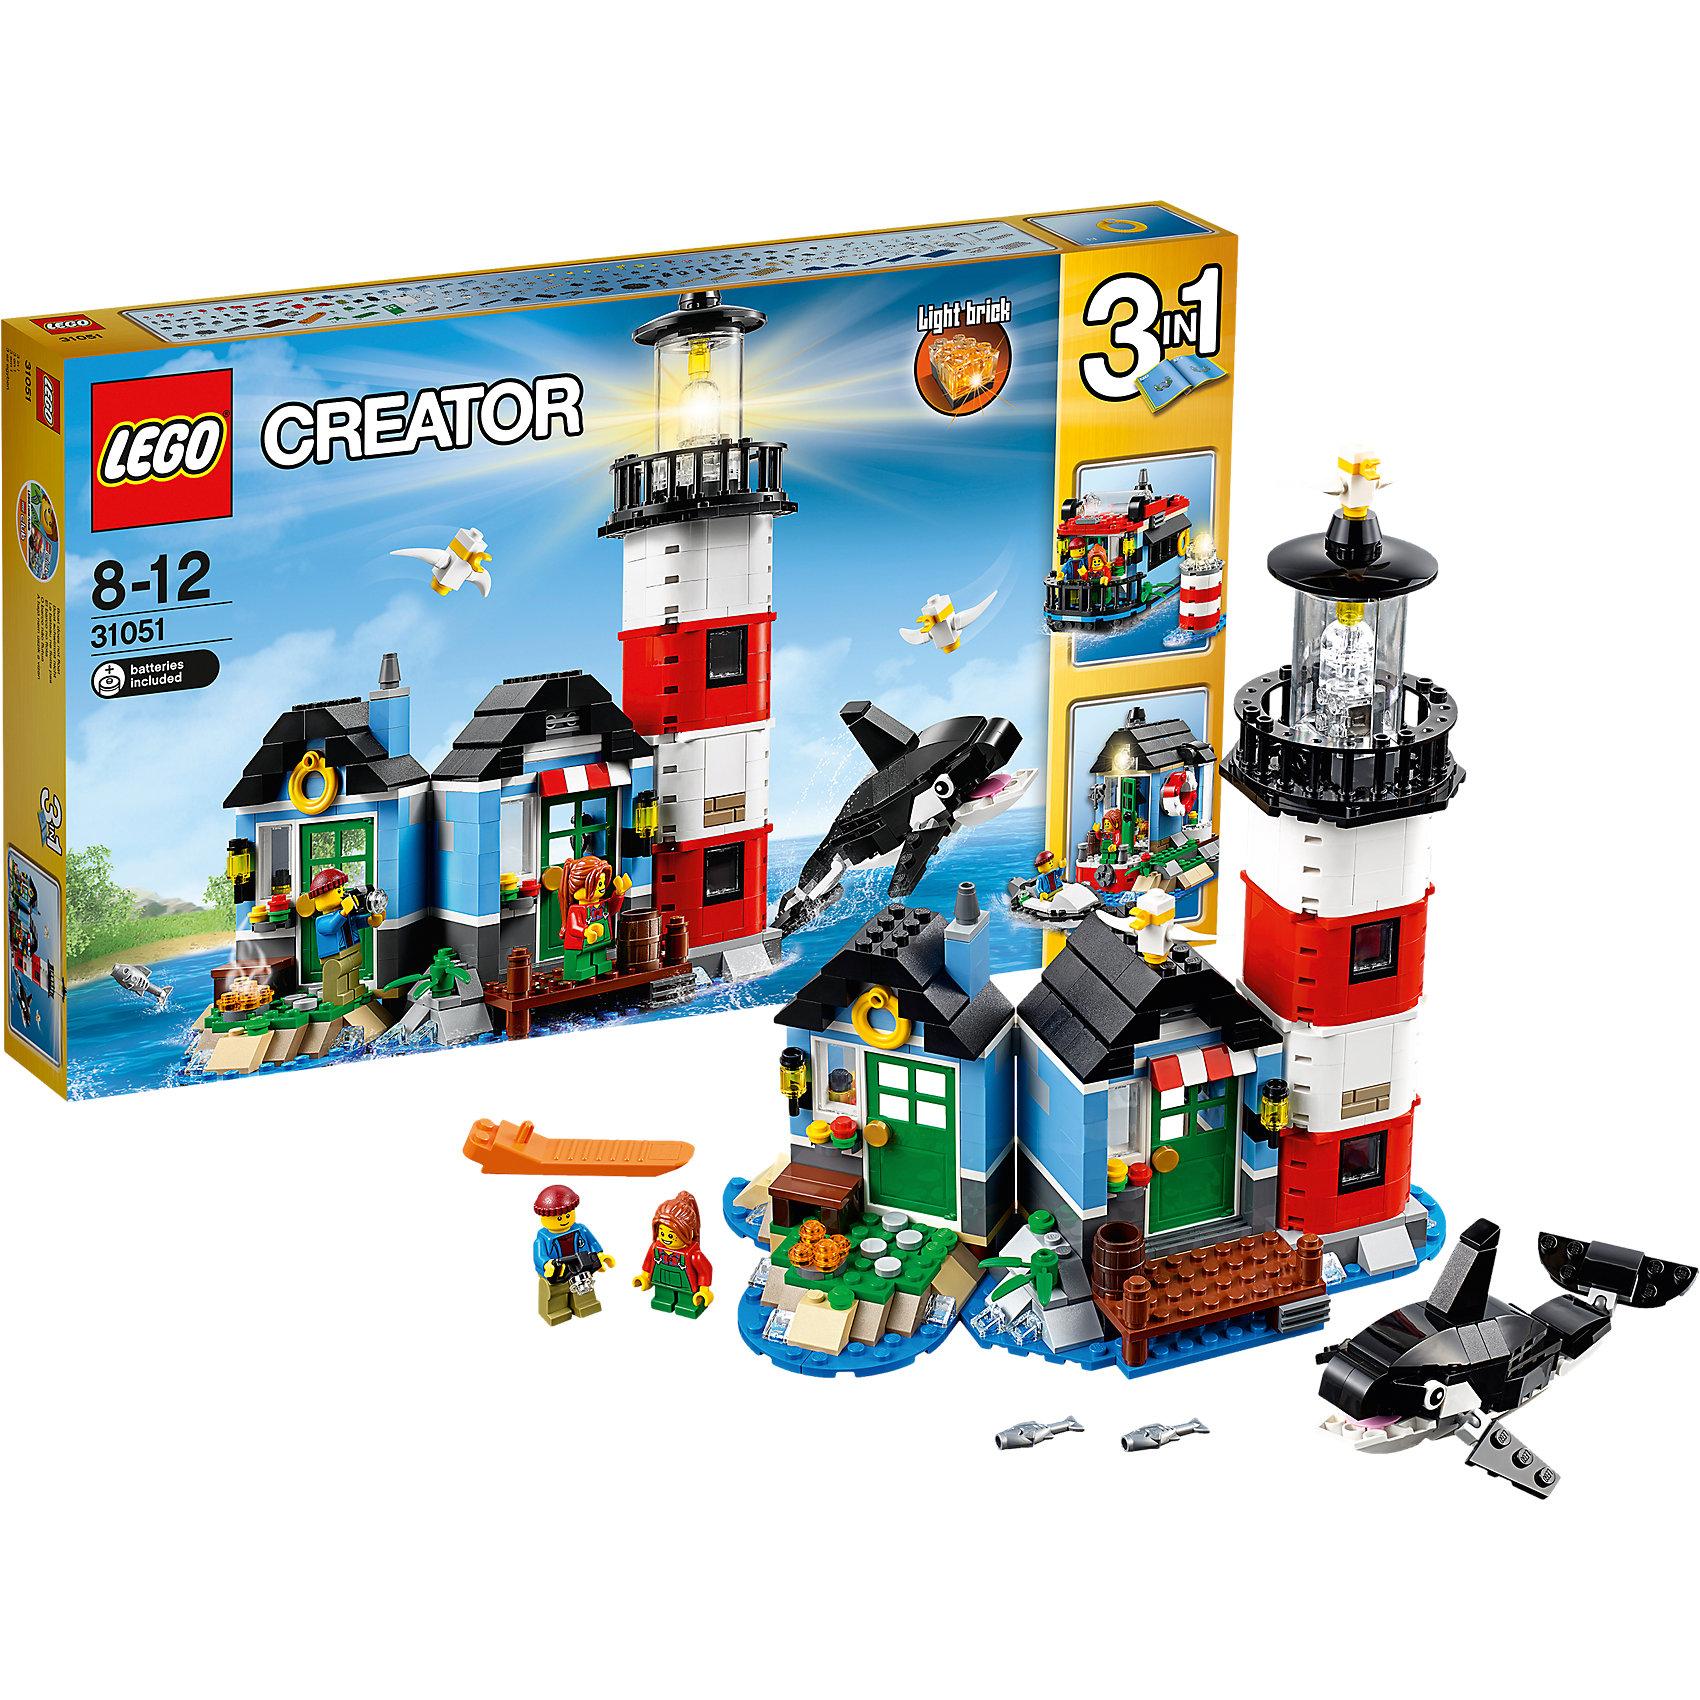 LEGO Creator  31051: МаякПластмассовые конструкторы<br>Характеристики:<br><br>• Предназначение: набор для конструирования, сюжетно-ролевые игры<br>• Пол: универсальный<br>• Материал: пластик<br>• Цвет: красный, желтый, зеленый, синий, белый, черный<br>• Серия LEGO: Creator<br>• Размер упаковки (Д*Ш*В): 6*29*48 см<br>• Вес: 1 кг <br>• Количество деталей: 528 шт.<br>• Наличие светового эффекта<br>• Комплектация: детали для трех вариантов маяка, коттедж для смотрителя, машина, 2 мини-фигурки, катер, чайки, рыбы, касатка и др.<br>• Батарейки: 2 шт. типа LR41 (предусмотрены в комплекте)<br><br>LEGO Creator 31051: Маяк – набор от всемирно известного производителя конструкторов для детей всех возрастных категорий. LEGO Creator 31051: Маяк является базовым набором морской тематики серии Creator. Элементы конструктора позволяют собрать 3 варианта маяка и сопутствующие атрибуты жизни на морском берегу. В наборе имеются 2 мини-фигурки с различными аксессуарами. В комплекте предусмотрена яркая инструкция, которая научит вашего ребенка действовать по образцу. Разнообразие и богатство элементов позволят воссоздавать юному конструктору пейзажи, характерные для морского берега. Маяк оснащен светодиодным блоком, при нажатии на который он светится.<br>Игры с конструкторами LEGO развивают усидчивость, внимательность, мелкую моторику рук, способствуют формированию конструкторского мышления. С набором LEGO Creator 31051: Маяк ваш ребенок сможет придумывать целые сюжетные истории, развивая тем самым воображение и обогащая свой словарный запас. <br><br>LEGO Creator 31051: Маяк можно купить в нашем интернет-магазине.<br><br>Ширина мм: 482<br>Глубина мм: 281<br>Высота мм: 63<br>Вес г: 985<br>Возраст от месяцев: 96<br>Возраст до месяцев: 144<br>Пол: Унисекс<br>Возраст: Детский<br>SKU: 4641189